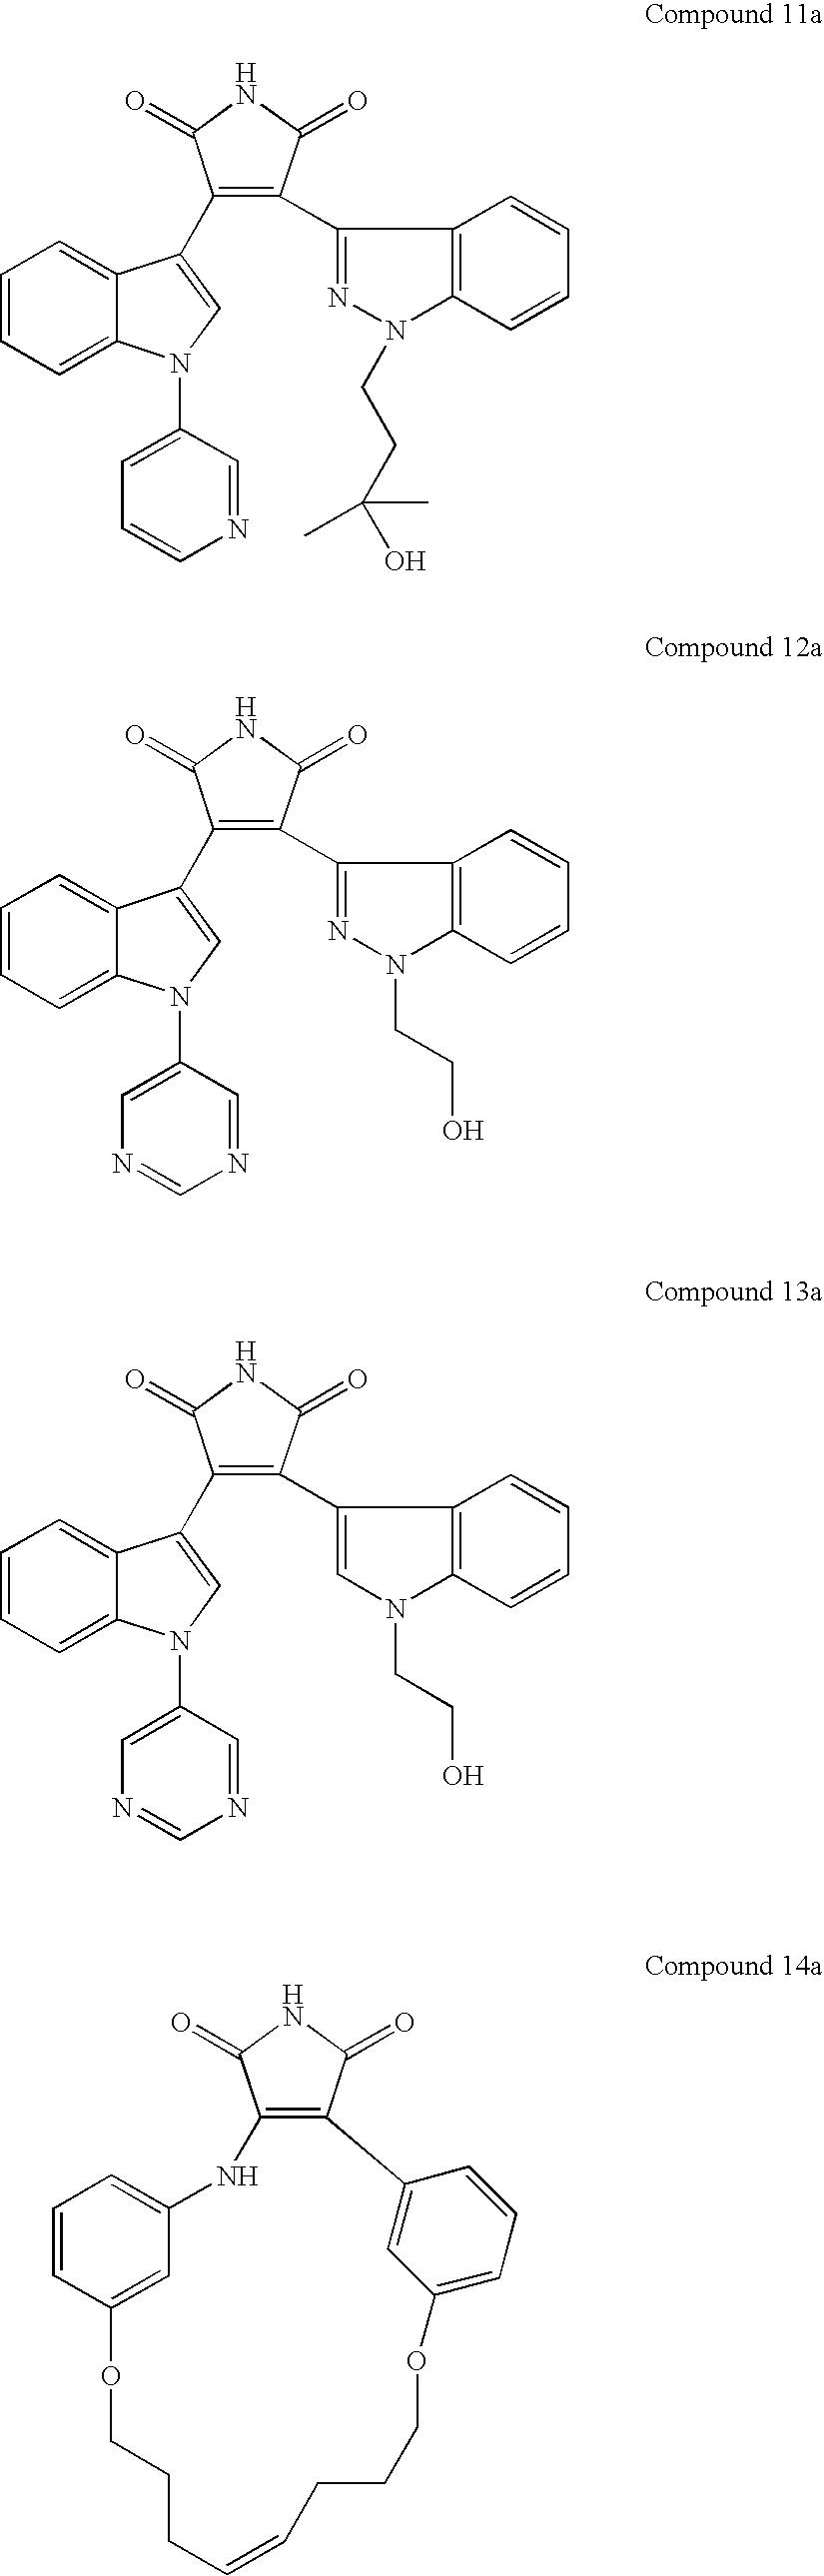 Figure US20090325293A1-20091231-C00021